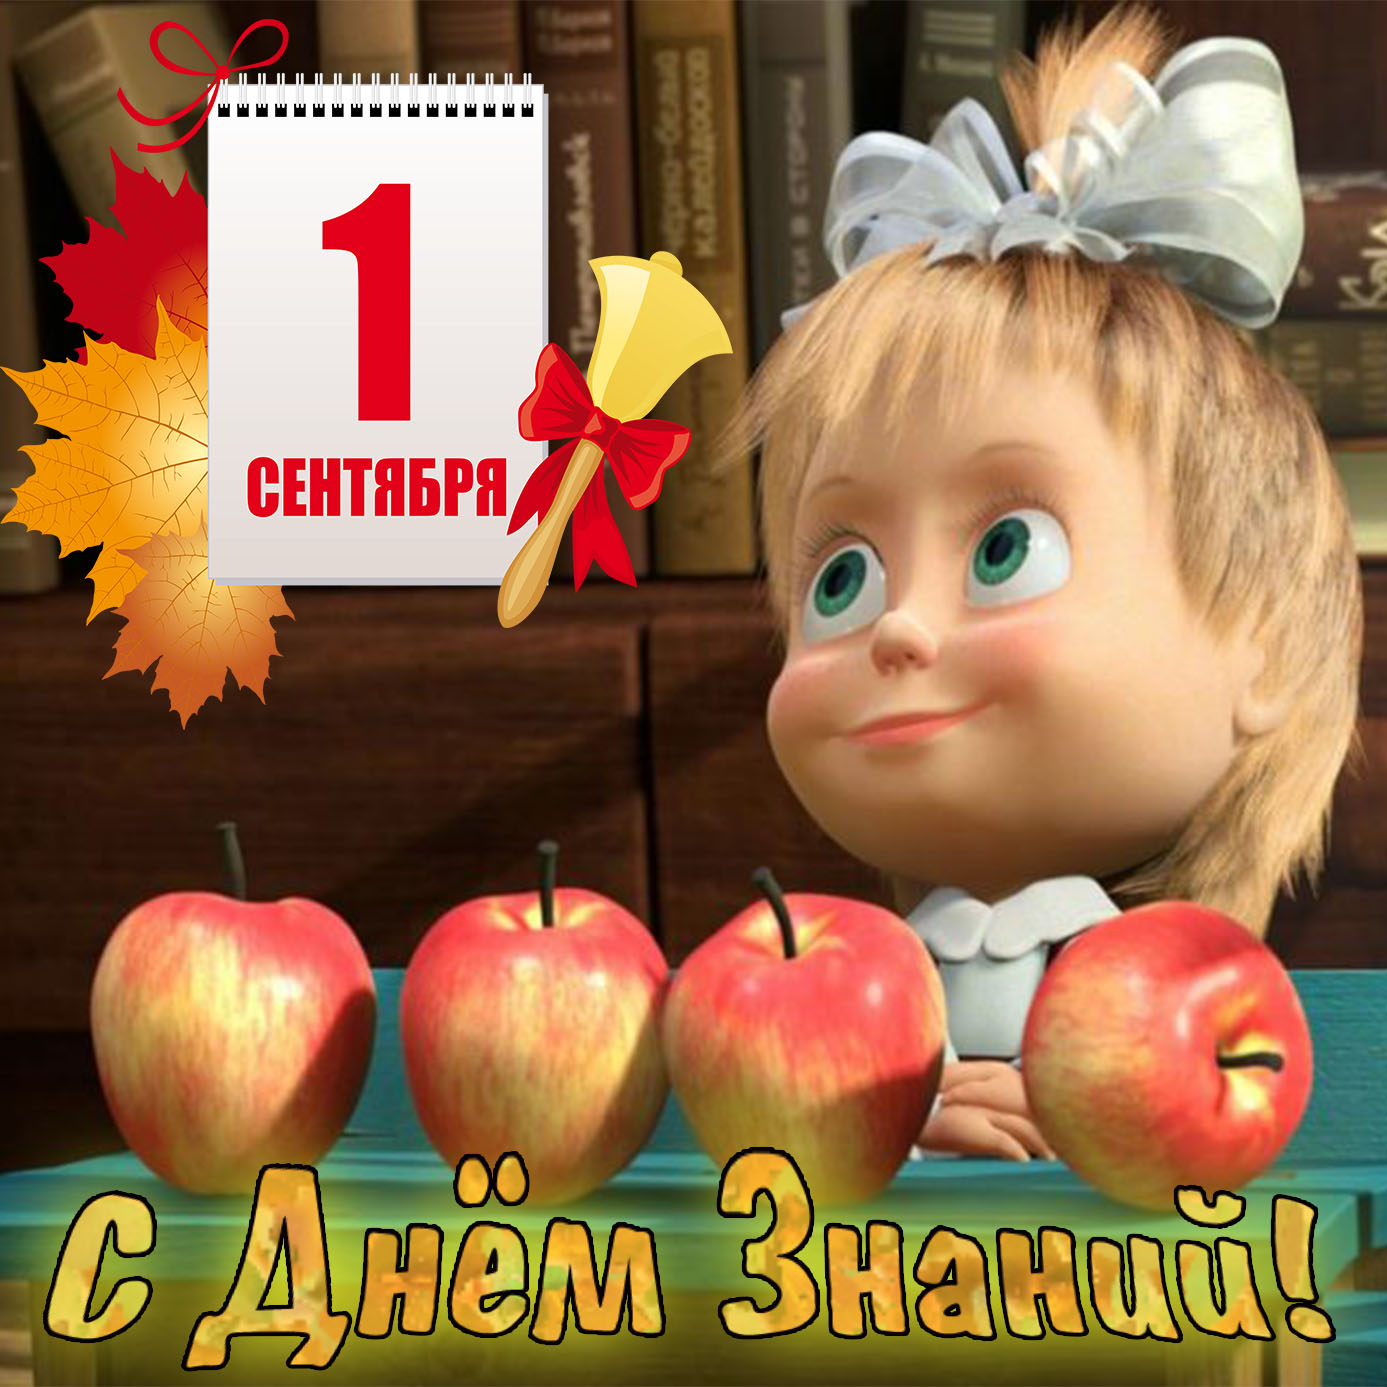 Картинка с девочкой и яблоками на 1 сентября